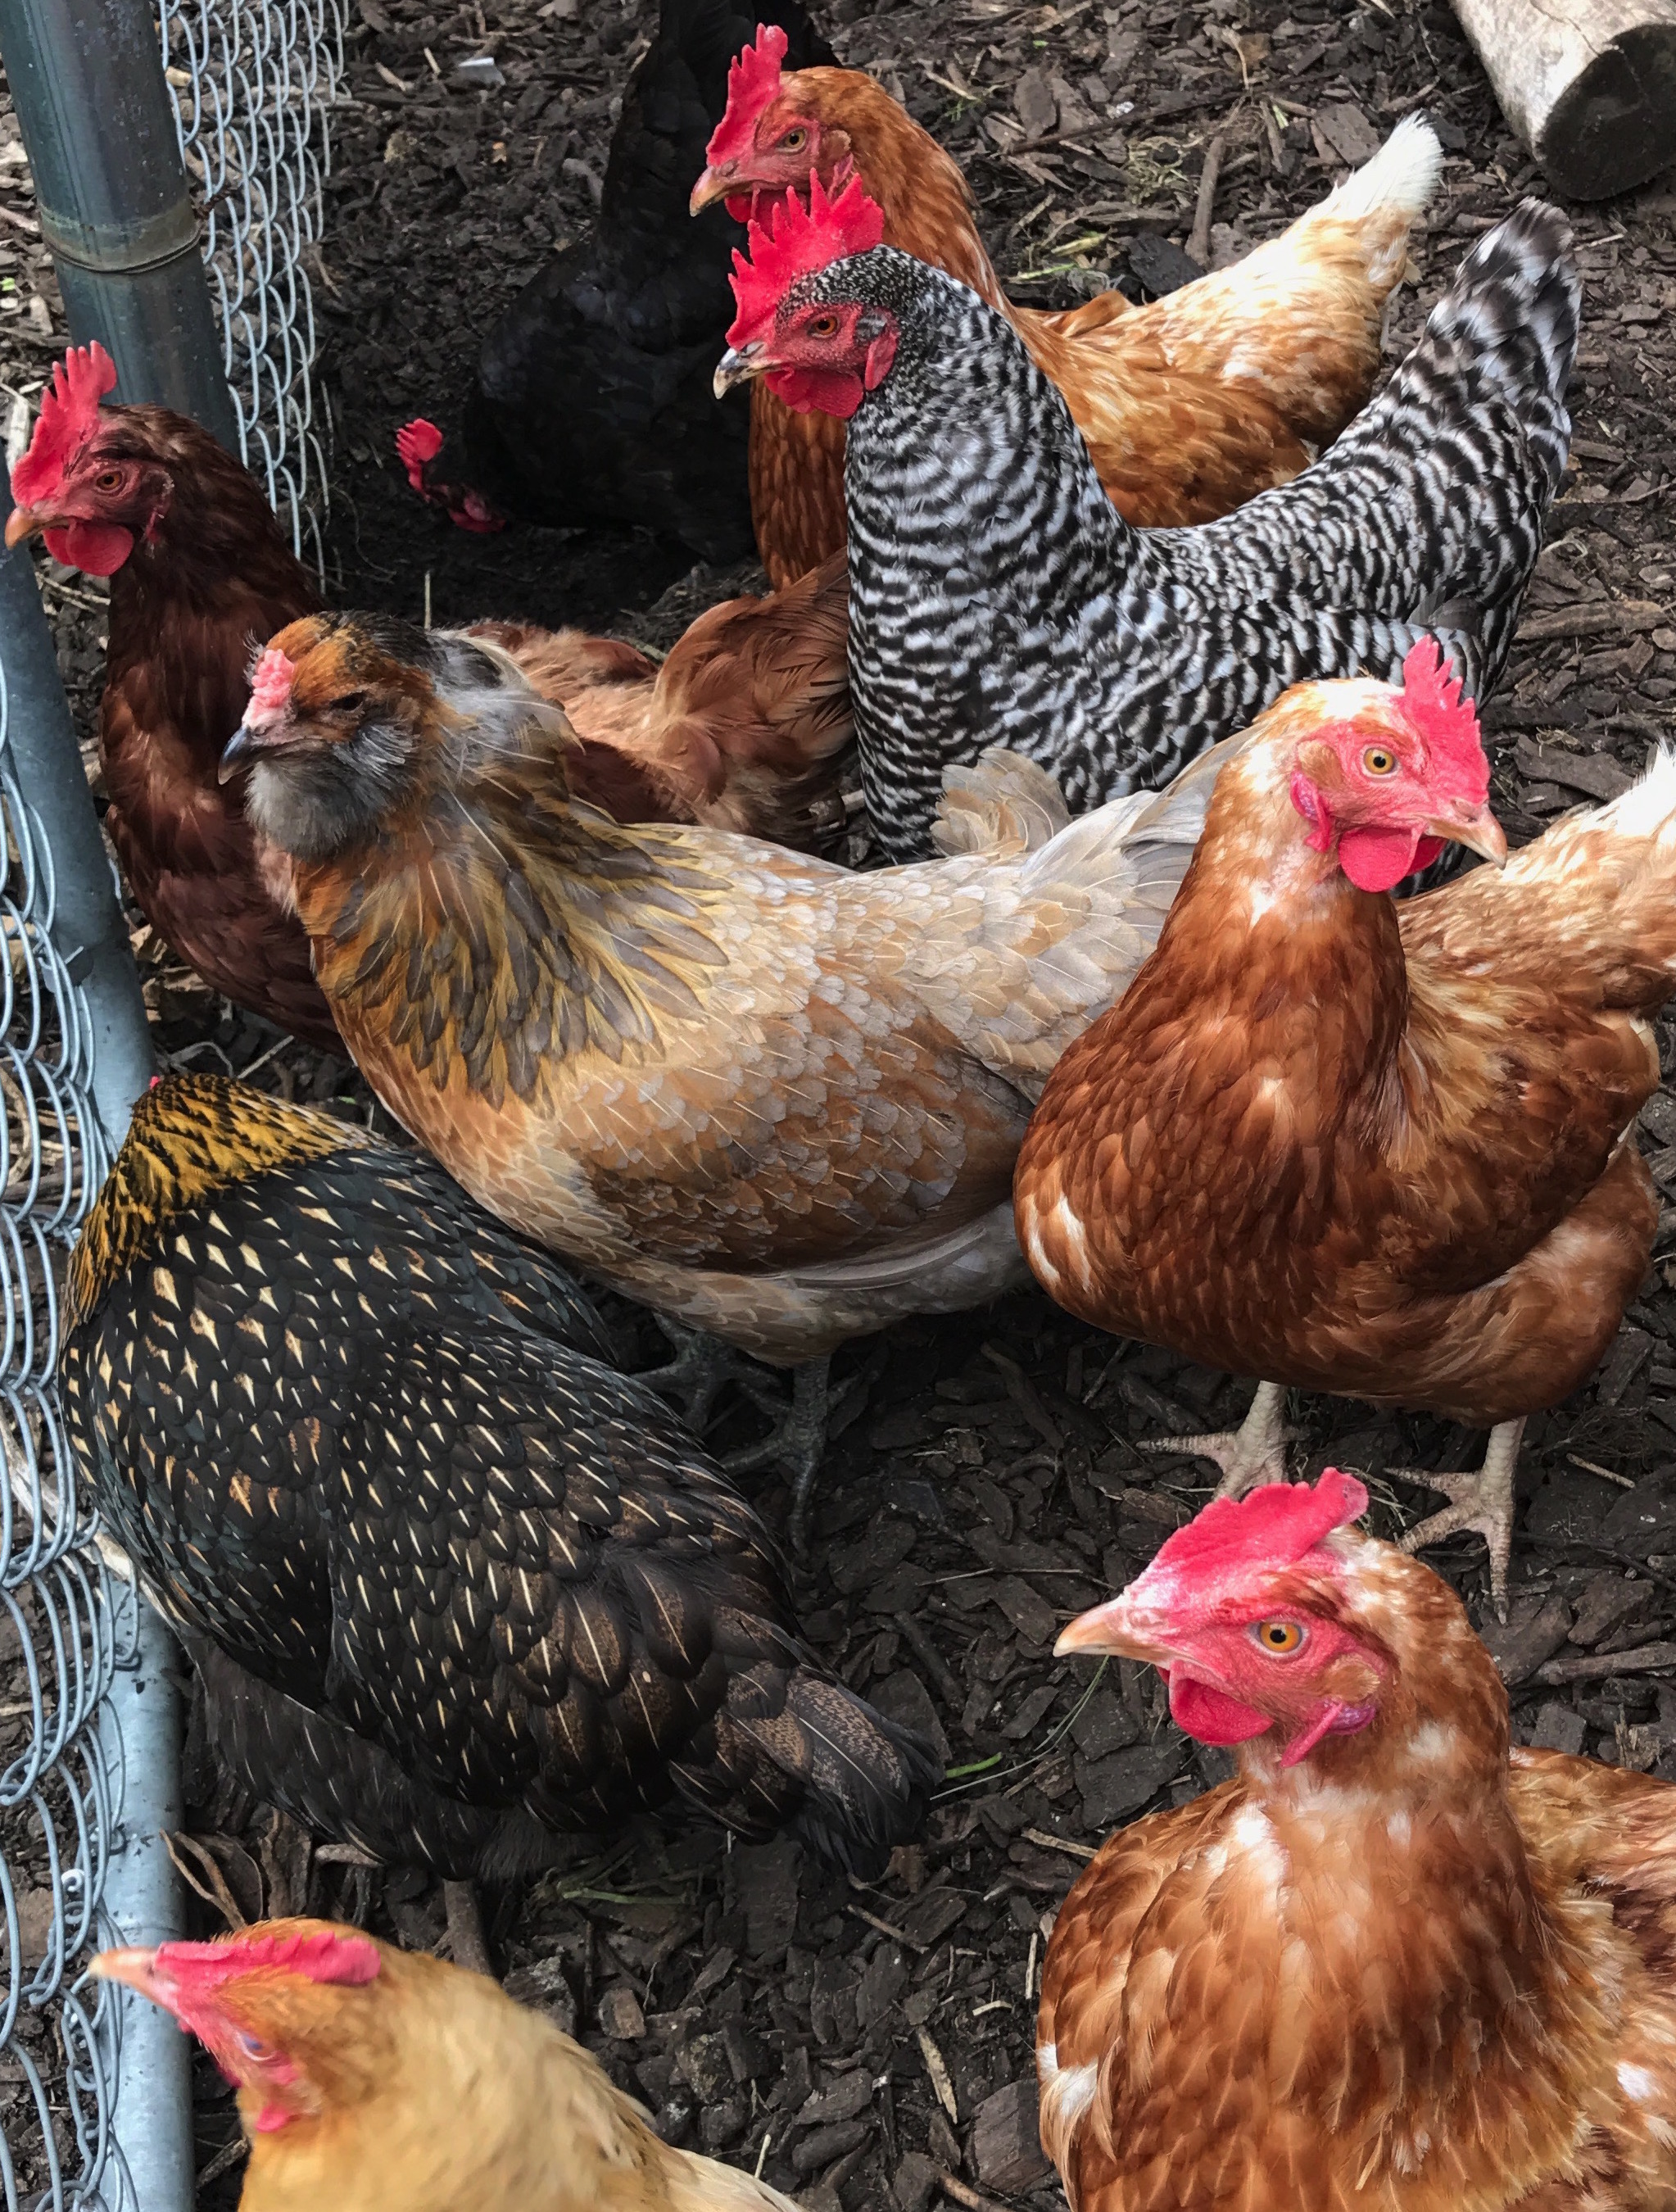 chickens2.jpeg